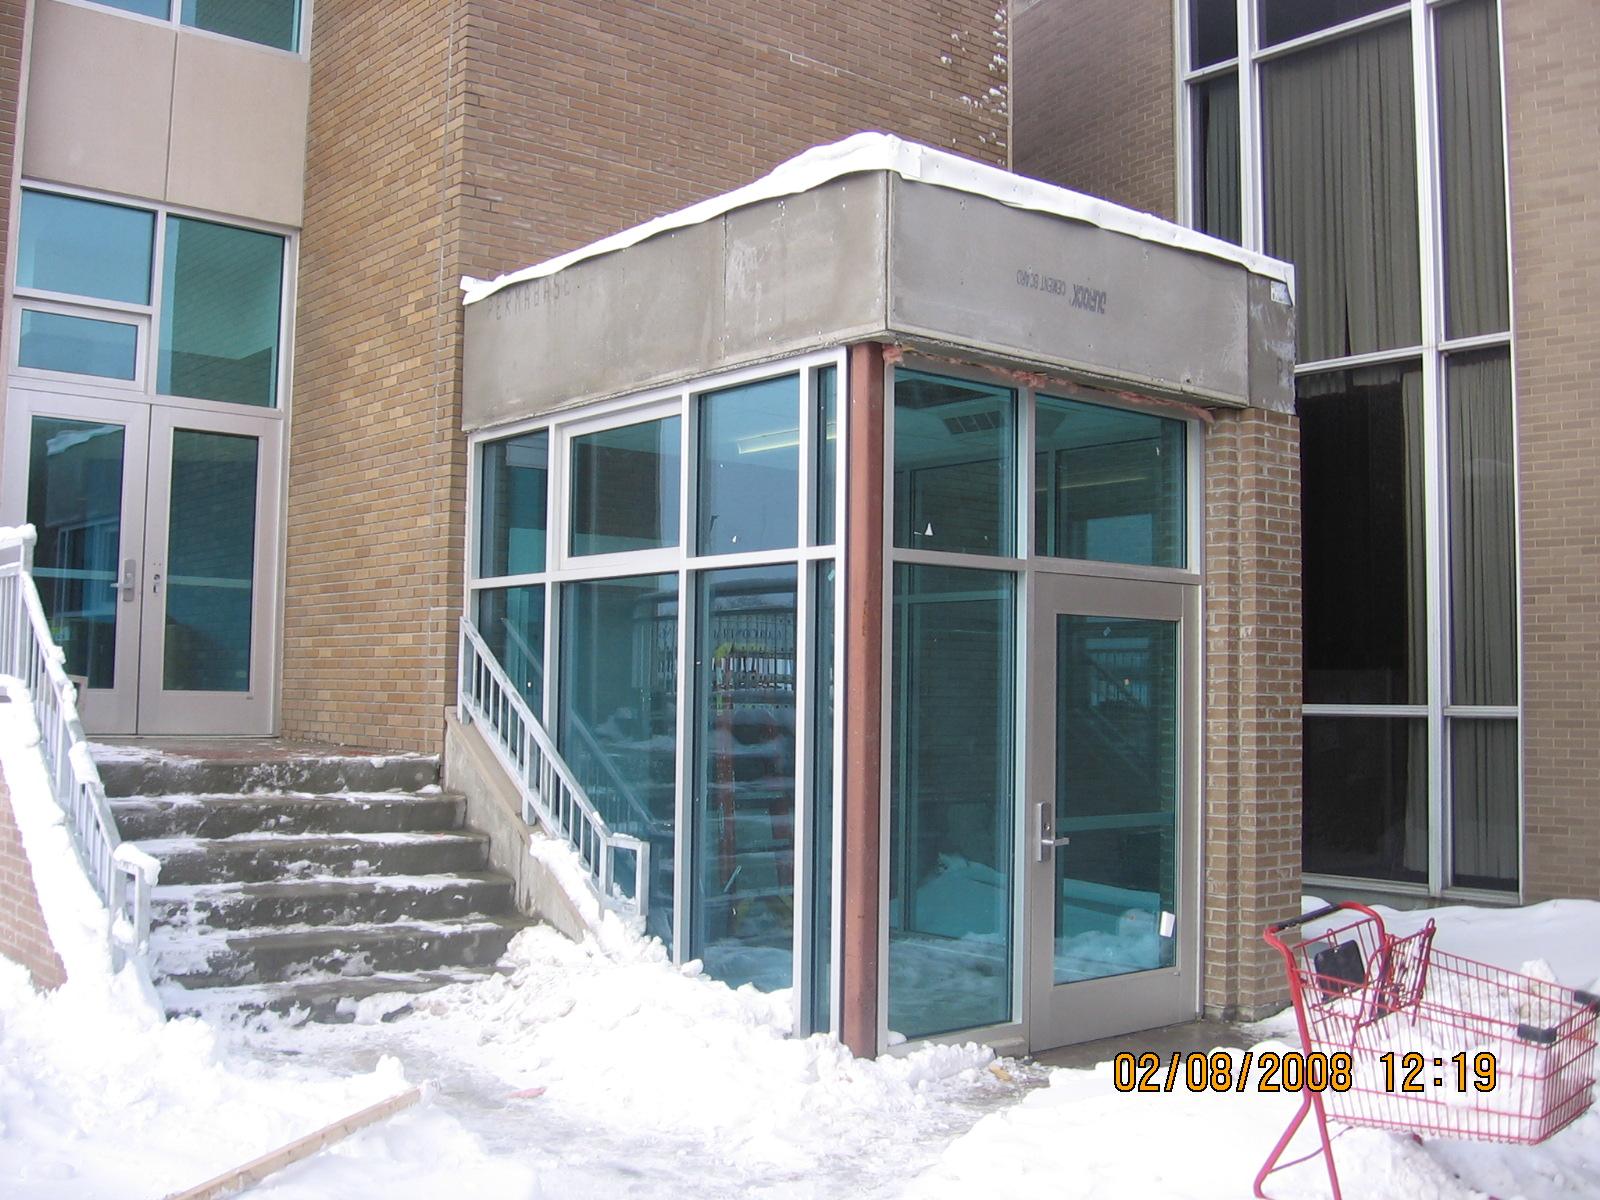 2008, February 8